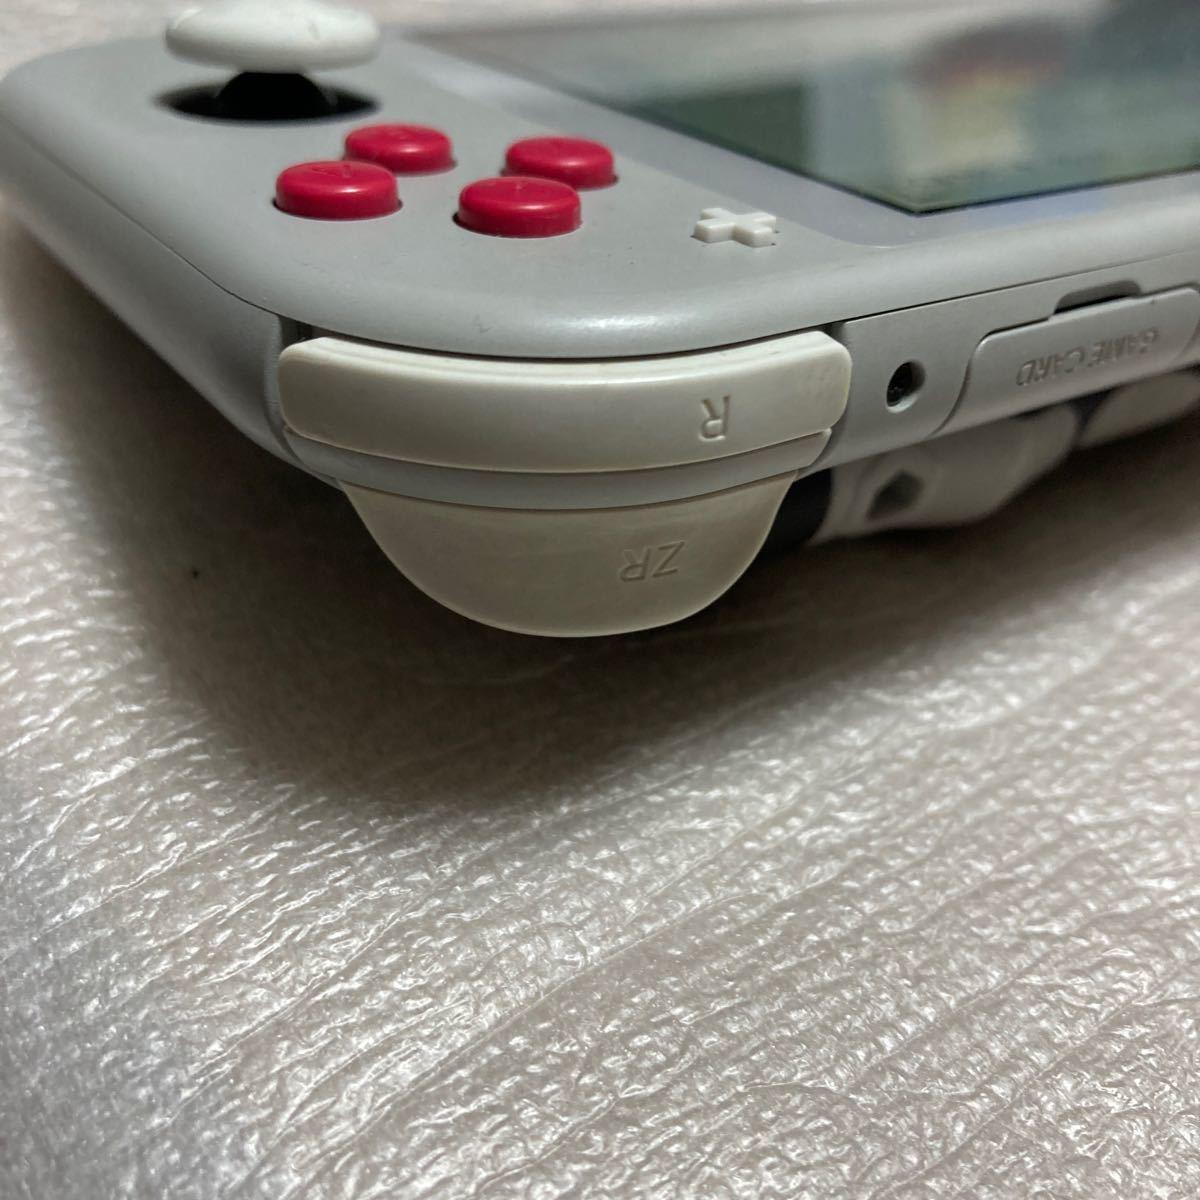 ニンテンドー 任天堂 Nintendo Switch Lite スイッチ ライト ザシアンザマゼンダ 本体 のみ